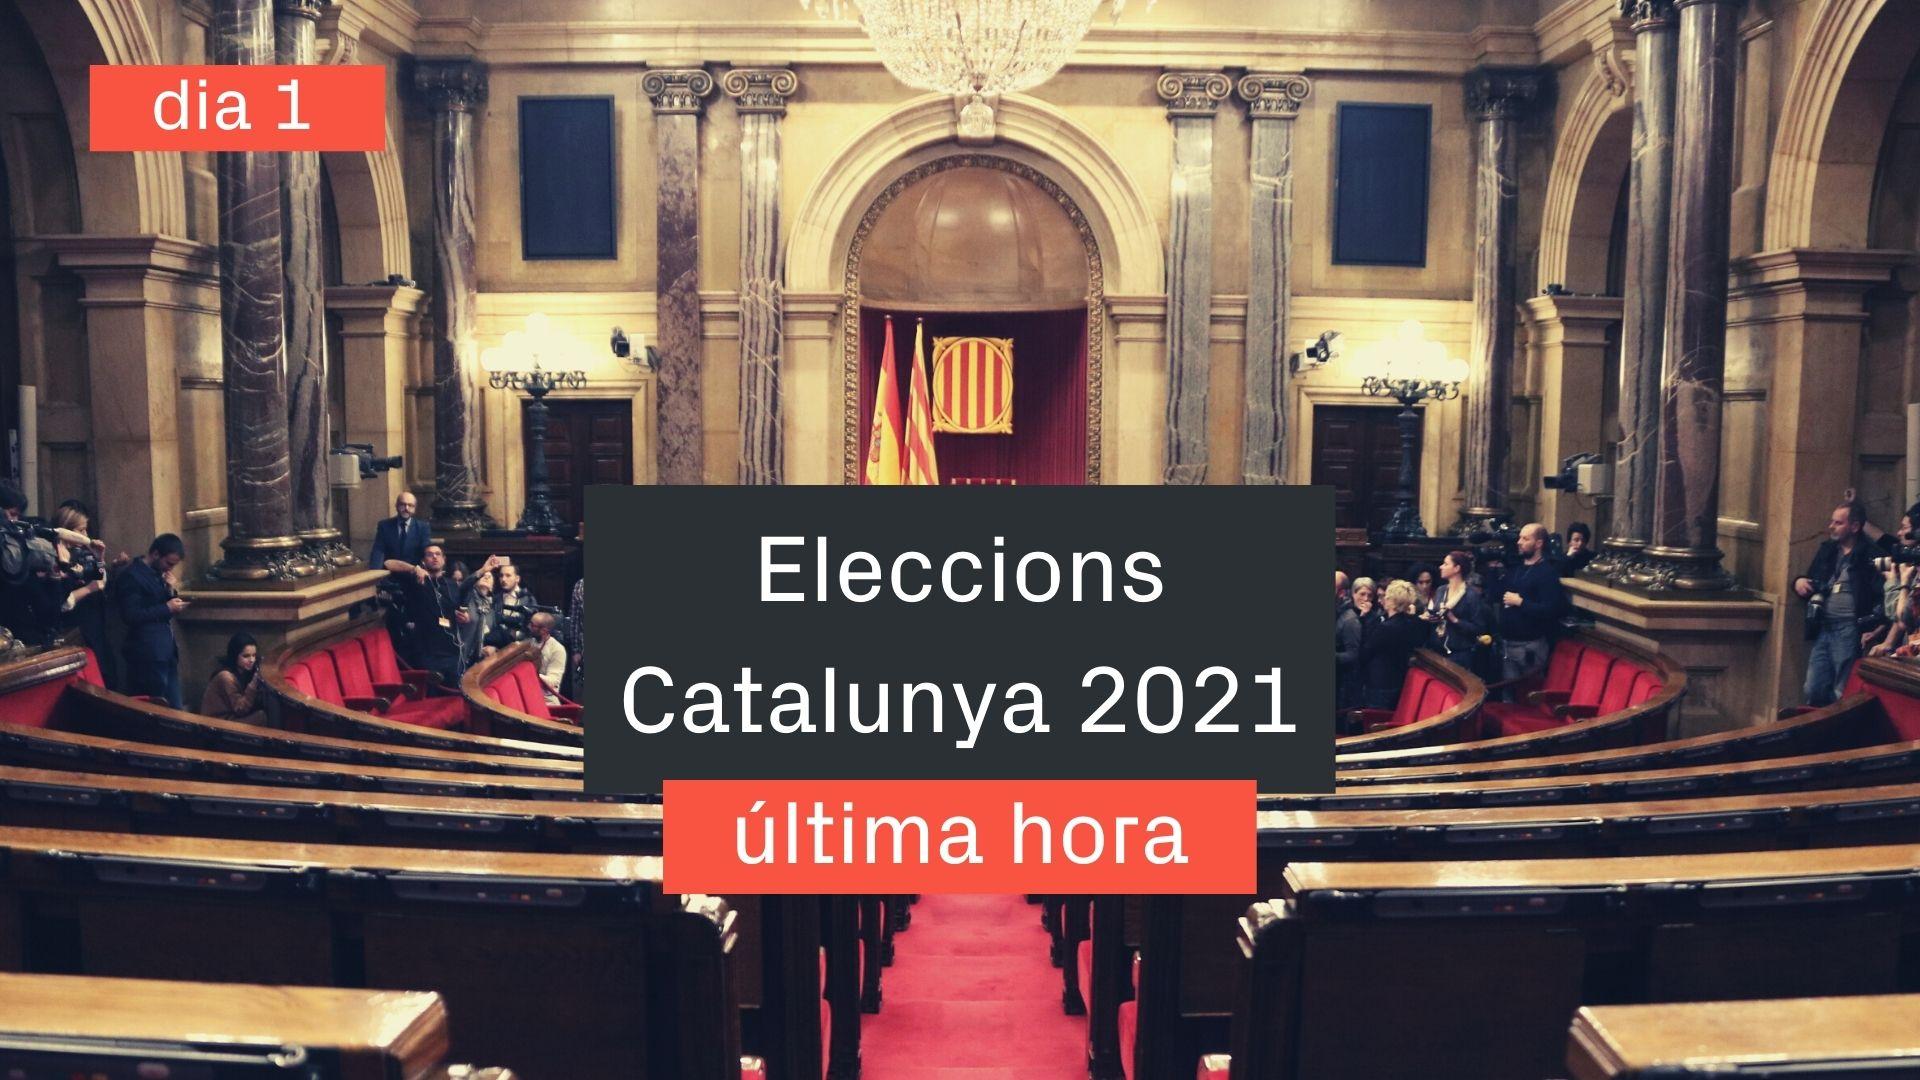 eleccions catalunya 2021 última hora